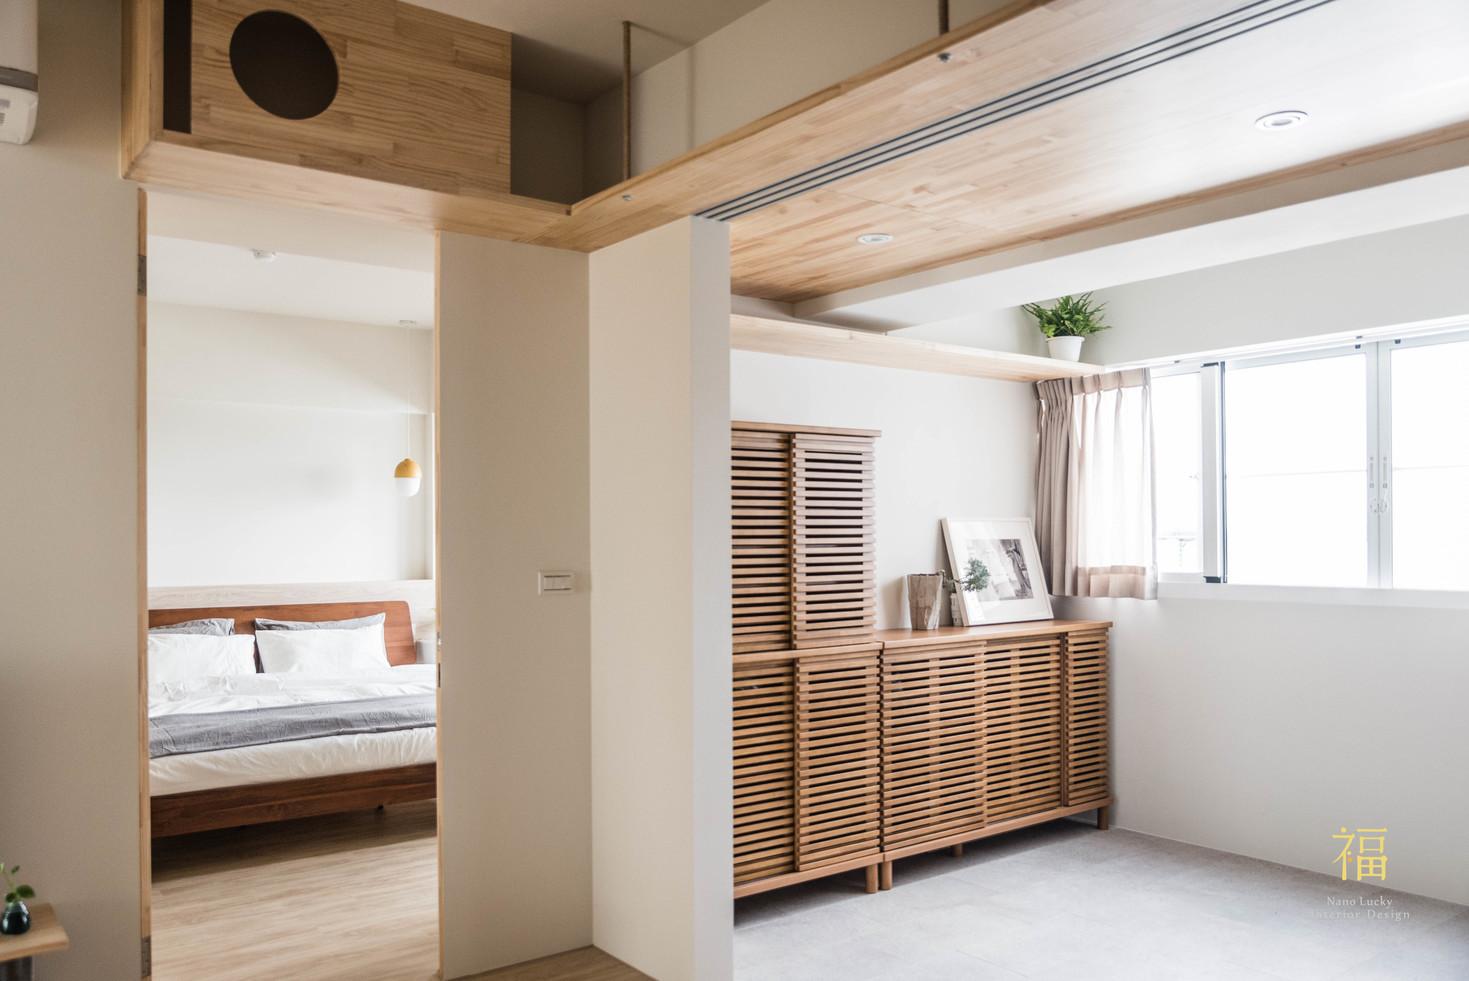 Nanolucky小福砌空間設計-嘉北街-透天住宅設計-日系無印風-寵物友善住宅